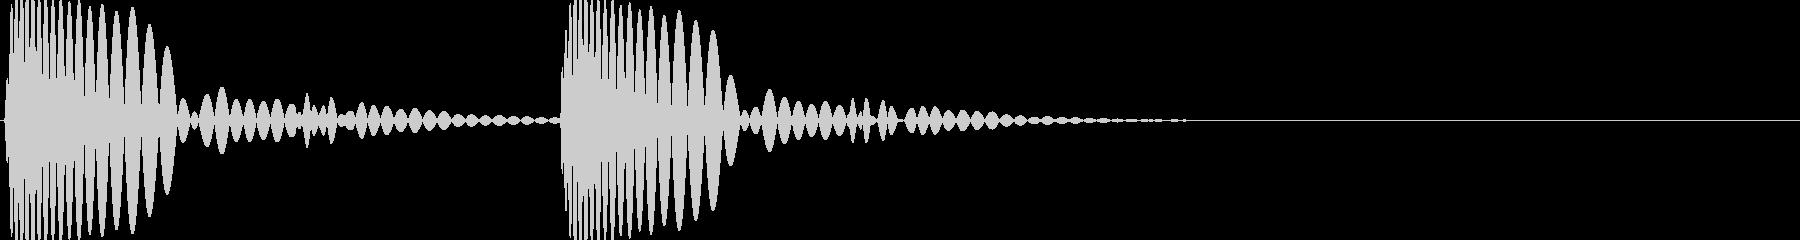 ドックンという鼓動音です。の未再生の波形